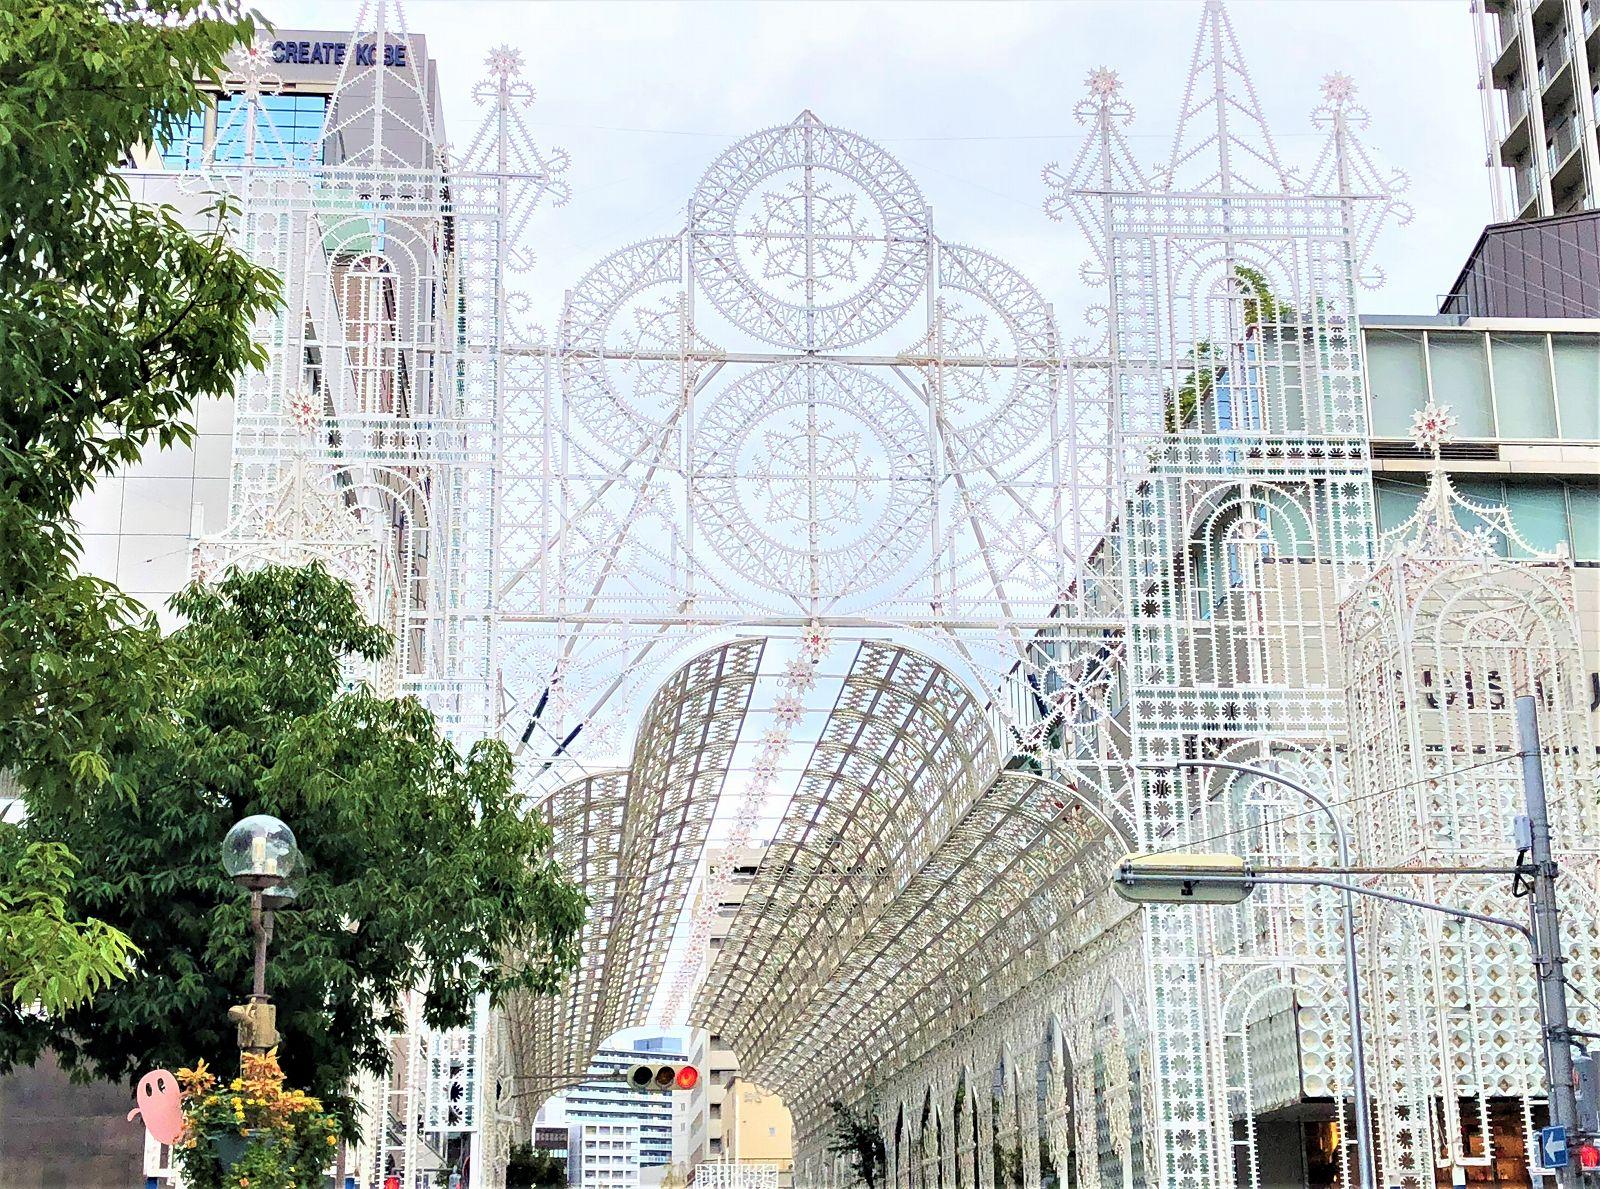 「神戸ルミナリエ2018」の飾りつけがスタート!開催期間は12月7日(金)~12月16日(日)まで #神戸ルミナリエ #旧居留地 #神戸観光 #ルミナリエ